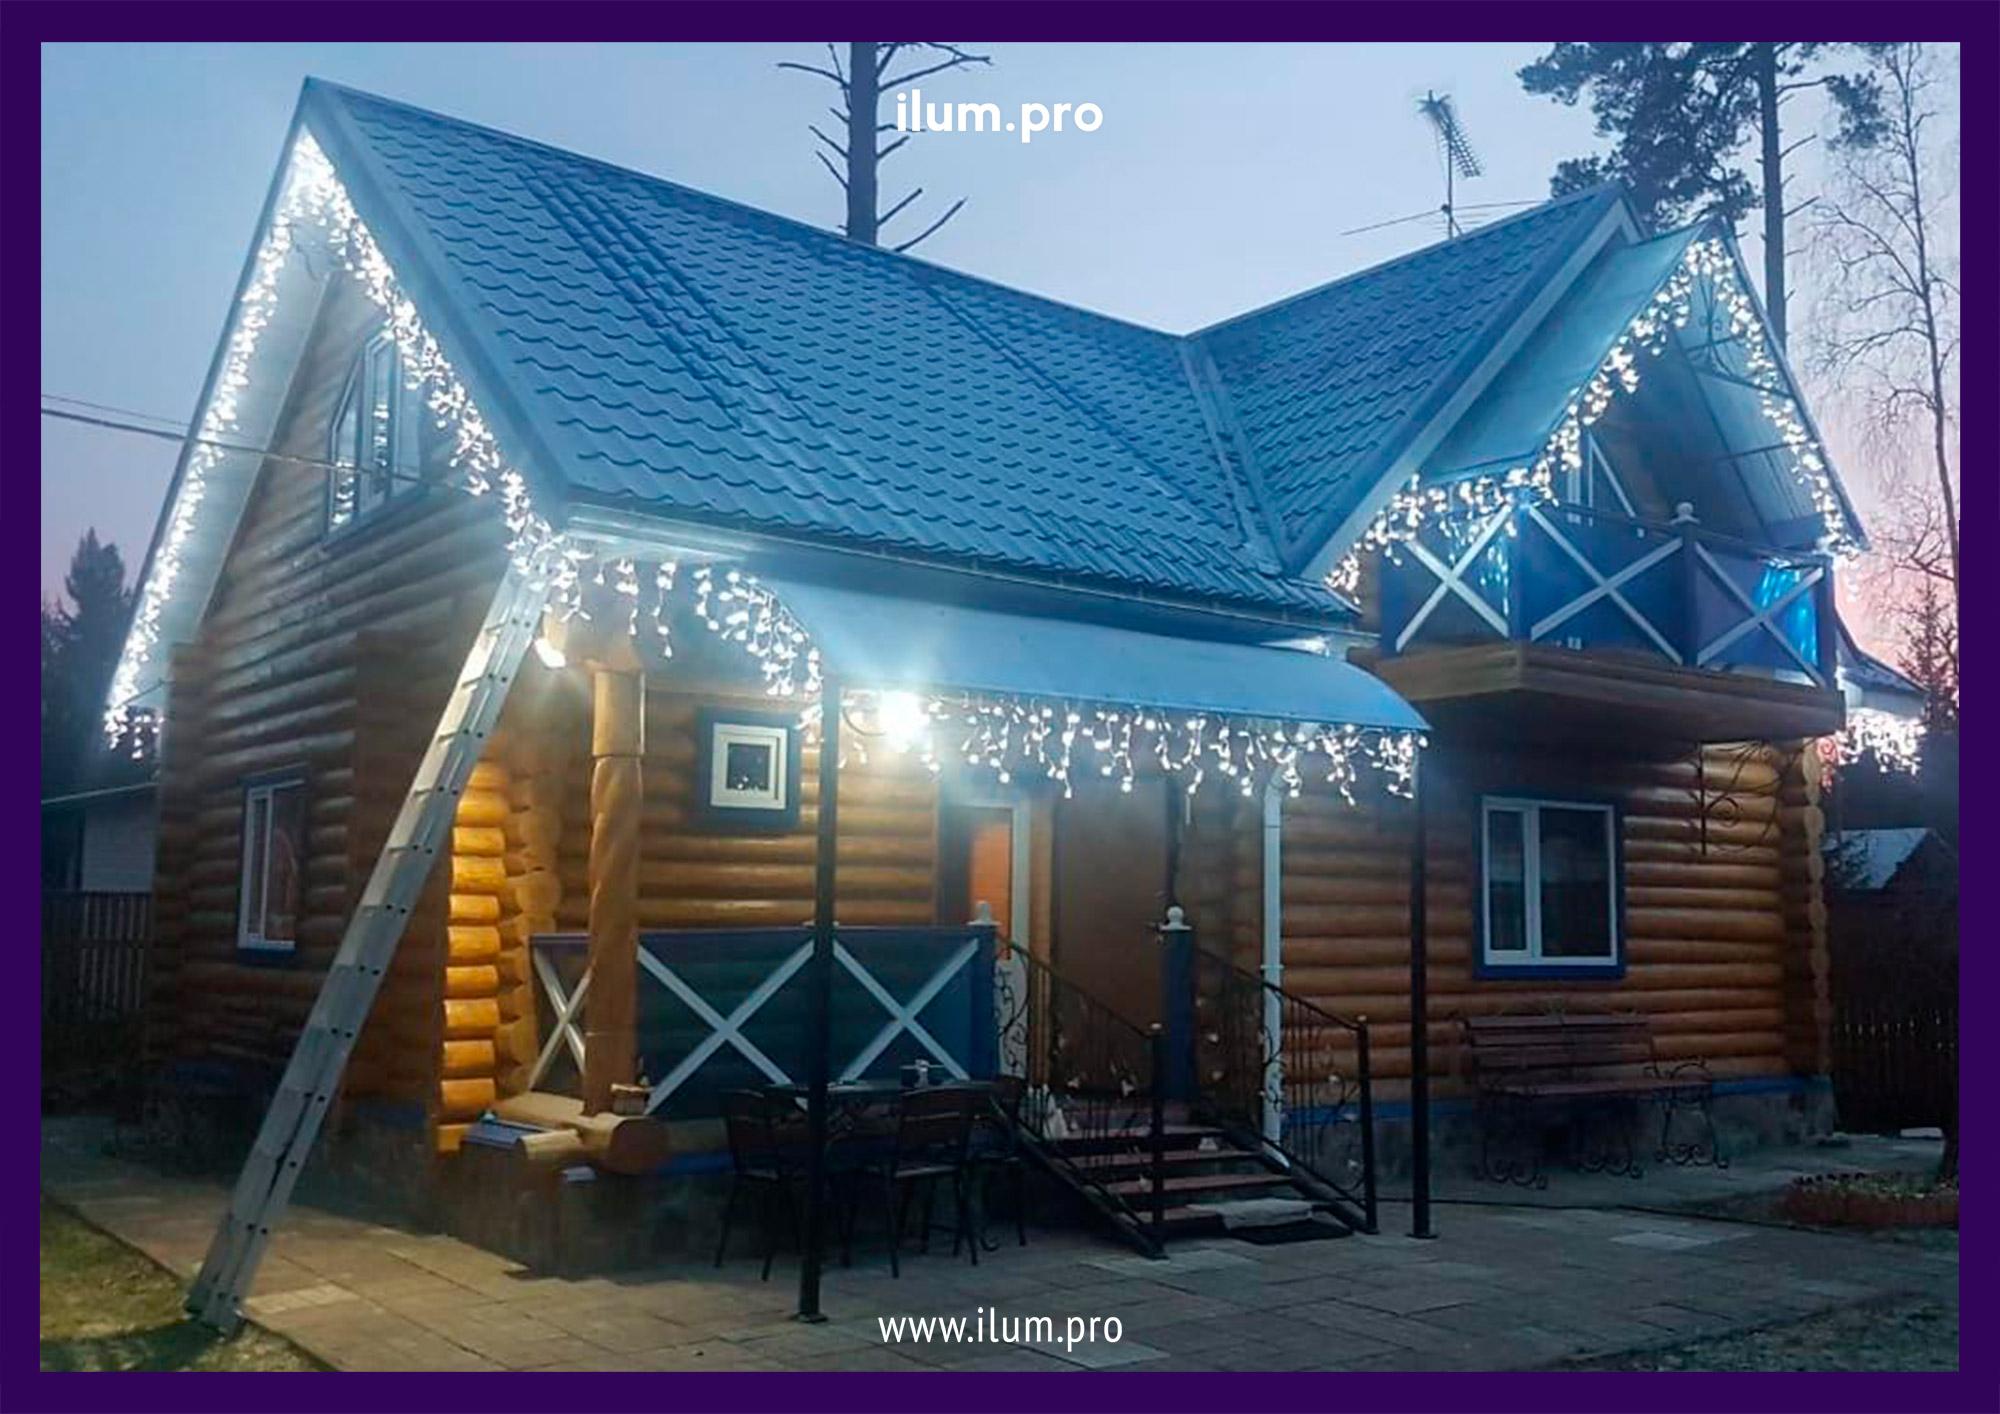 Украшение гирляндами крыши дома в Пушкинском районе